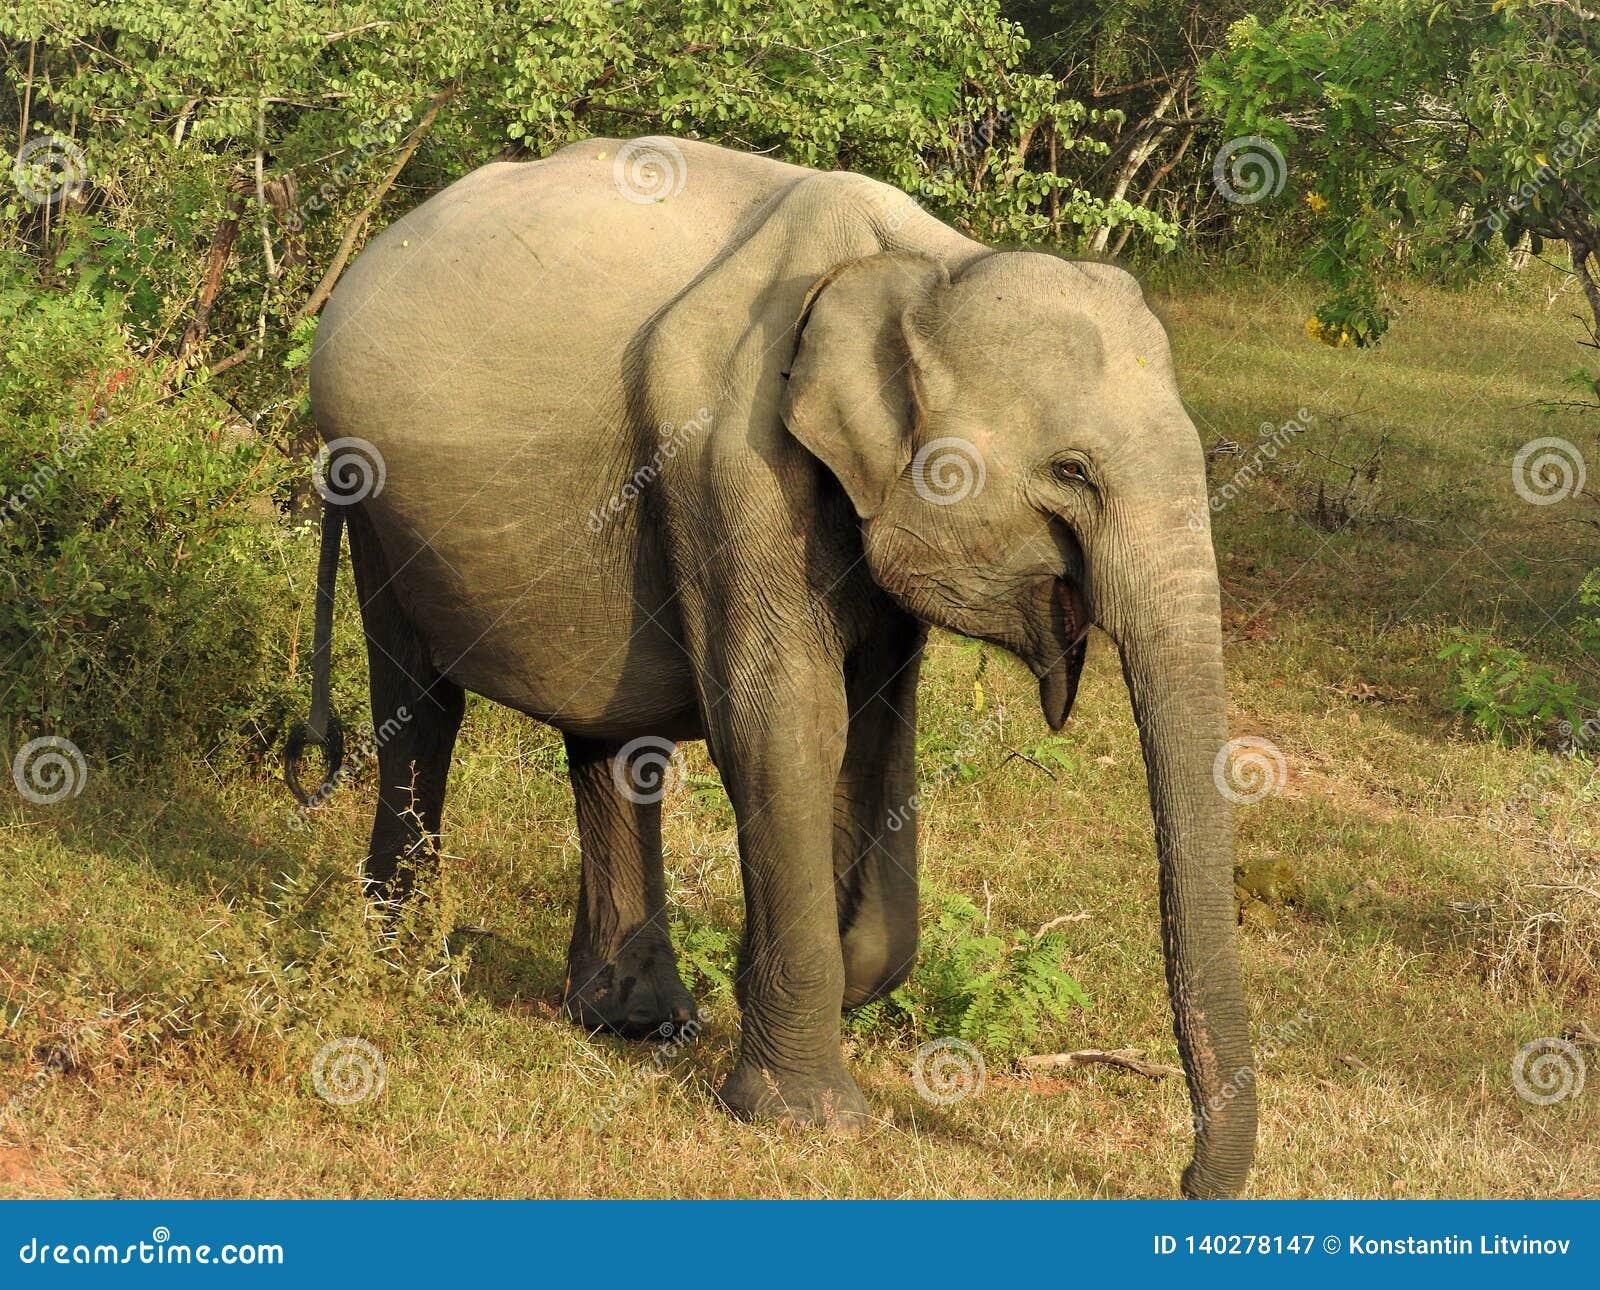 Ο ελέφαντας μωρών περπατά στην πράσινη ζούγκλα μια σαφή ηλιόλουστη ημέρα στο εθνικό πάρκο Yala στη Σρι Λάνκα